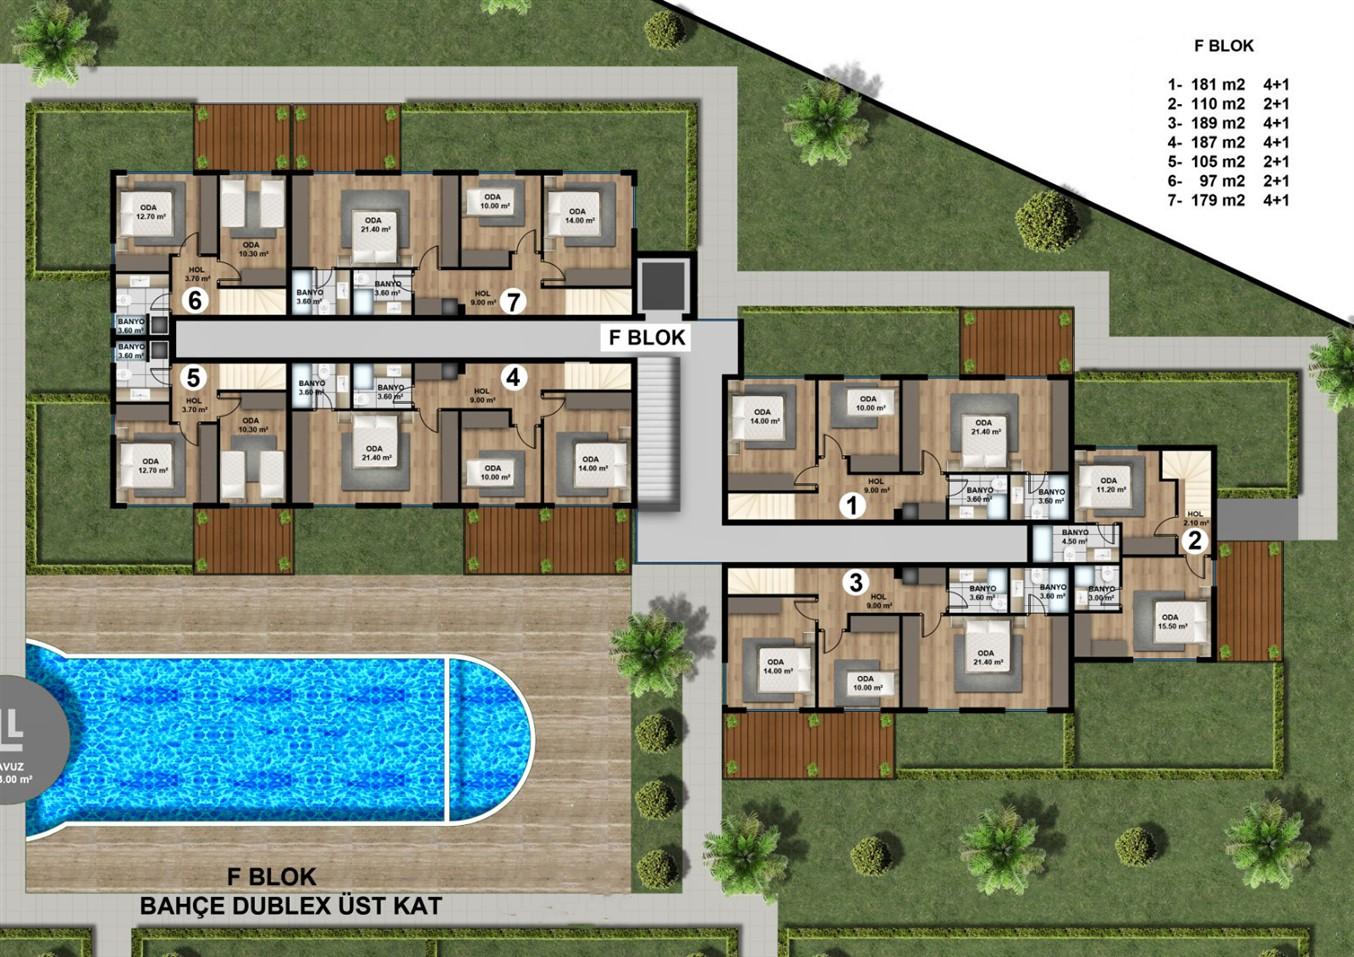 Роскошные квартиры в новом жилом комплексе с инфраструктурой - Фото 17